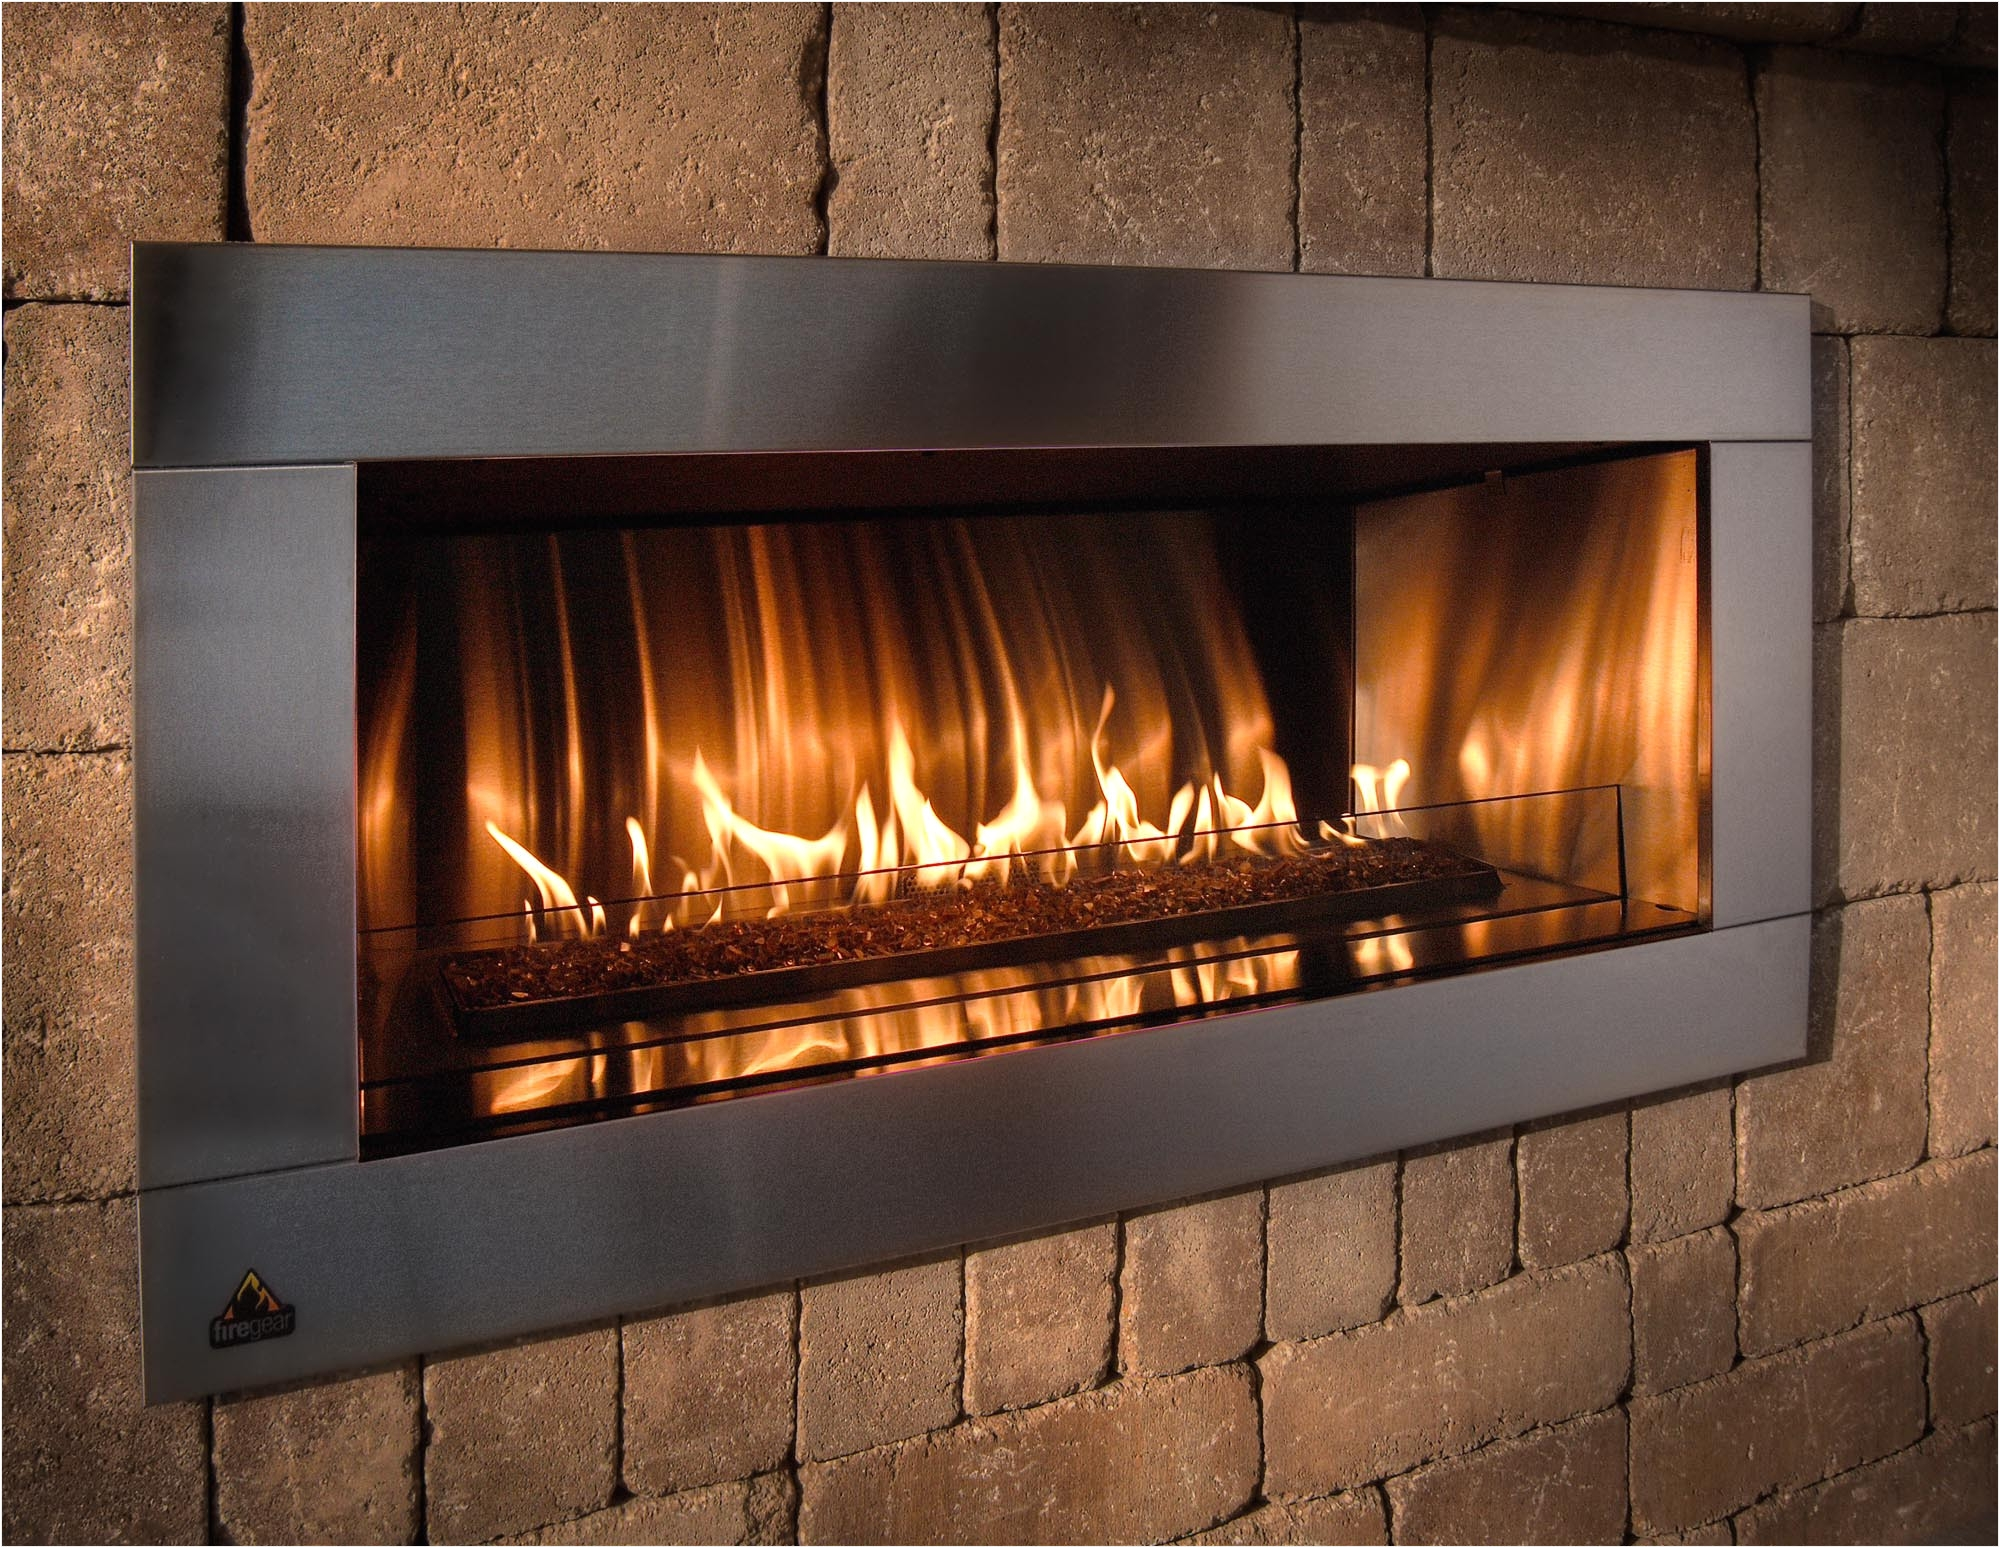 Hearthstone Fireplace Insert Lovely Valor Fireplace Inserts Reviews 19 Valor Gas Fireplace